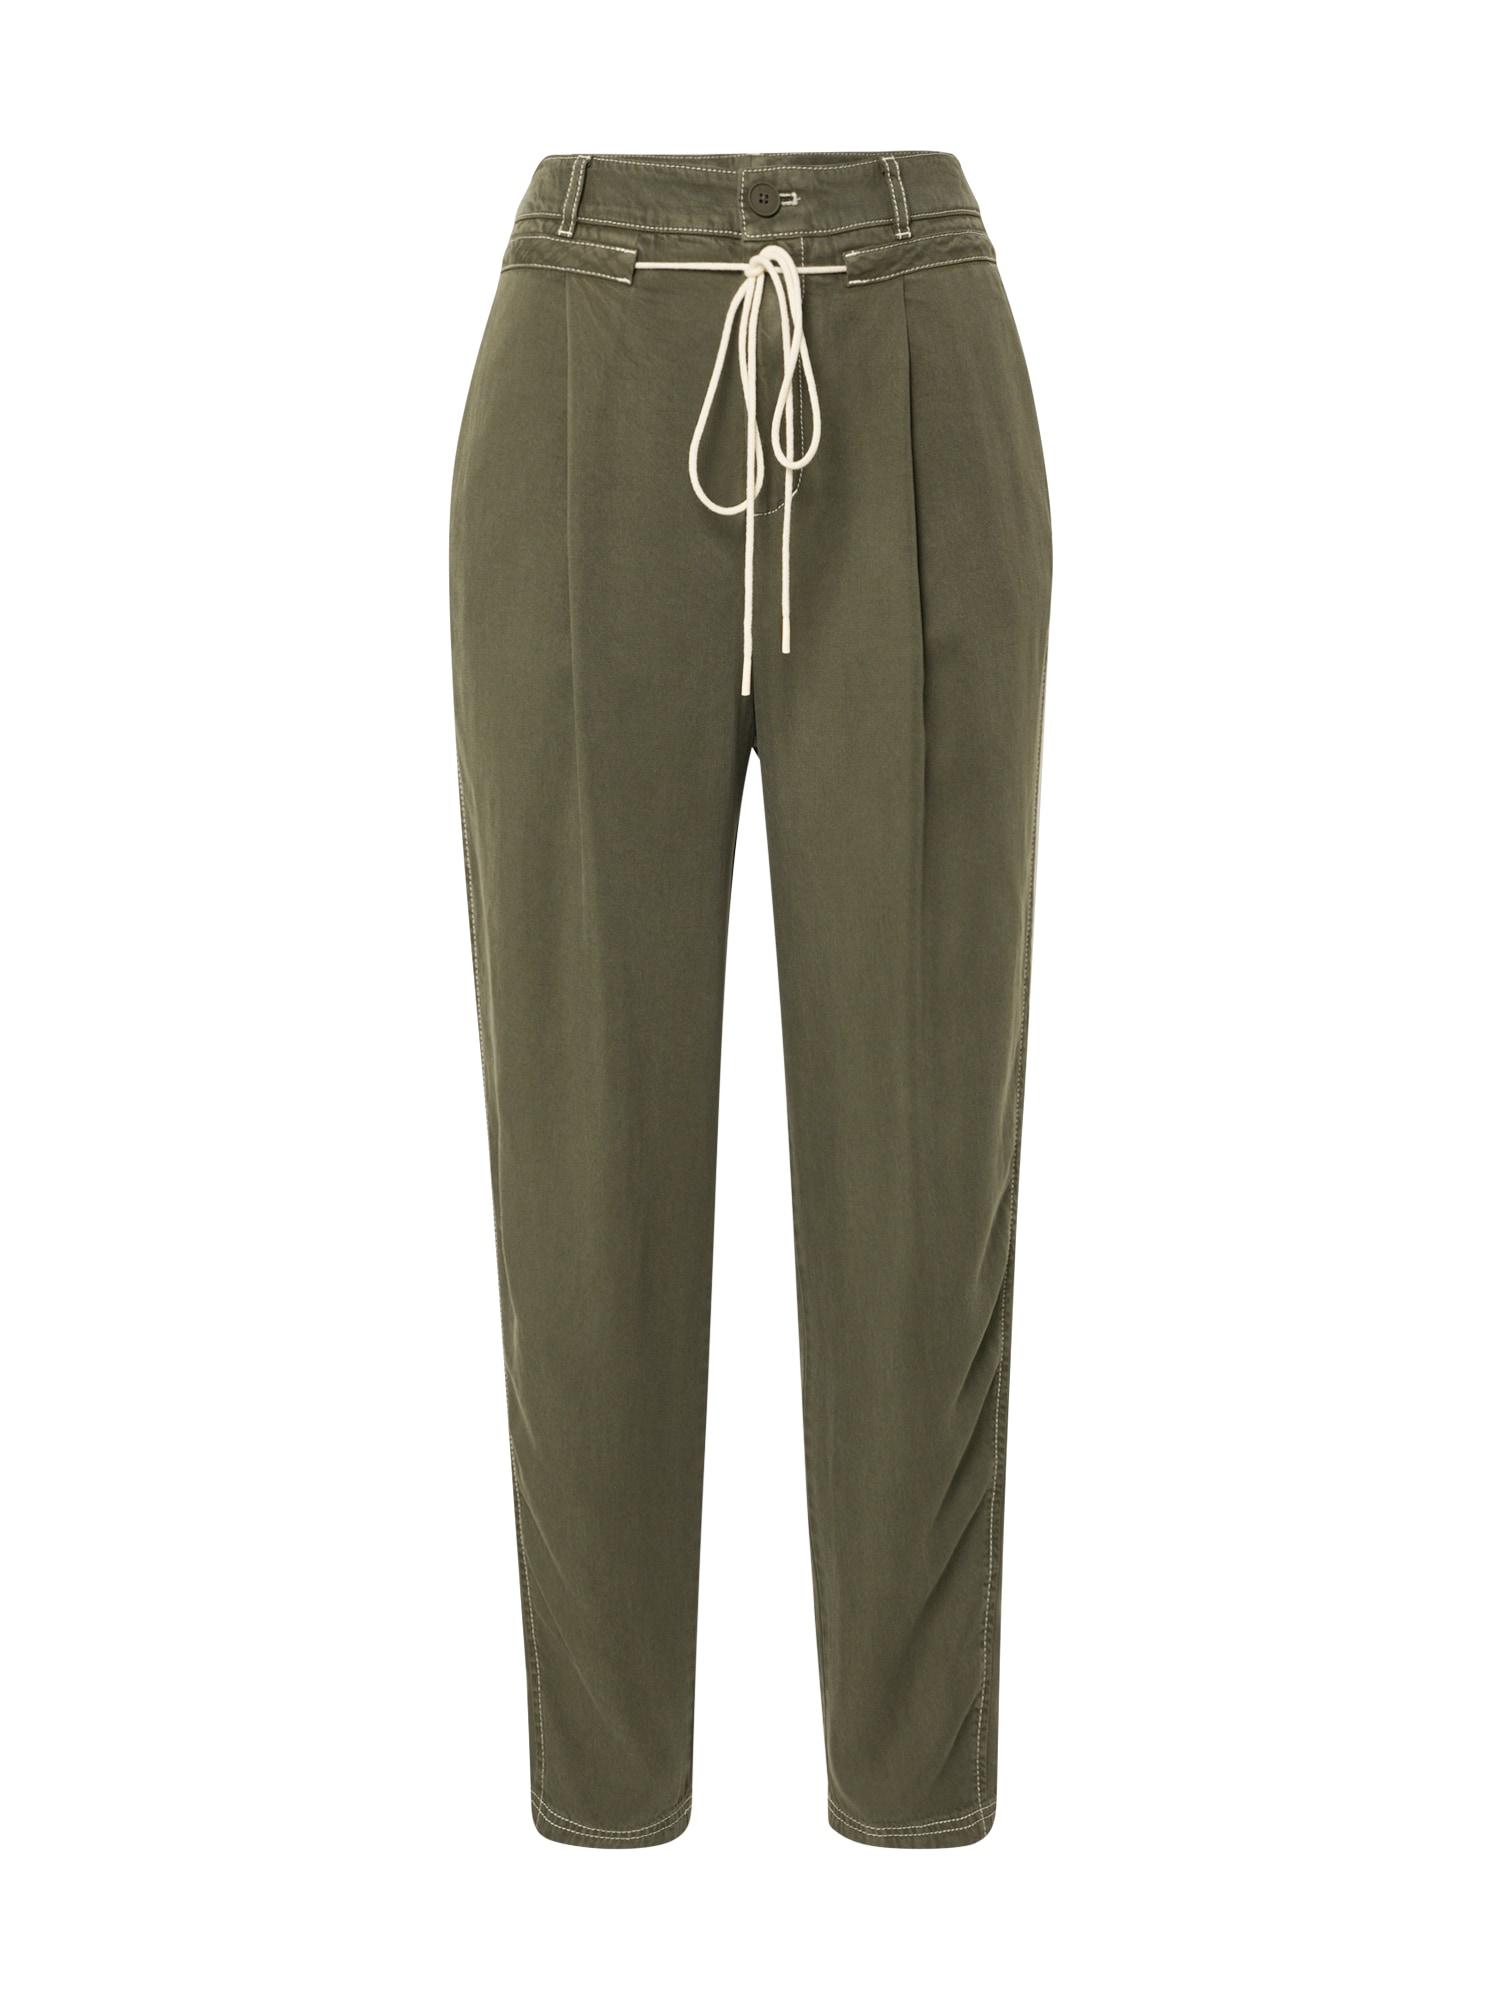 BOSS Chino stiliaus kelnės 'Sarosy1-D' rusvai žalia